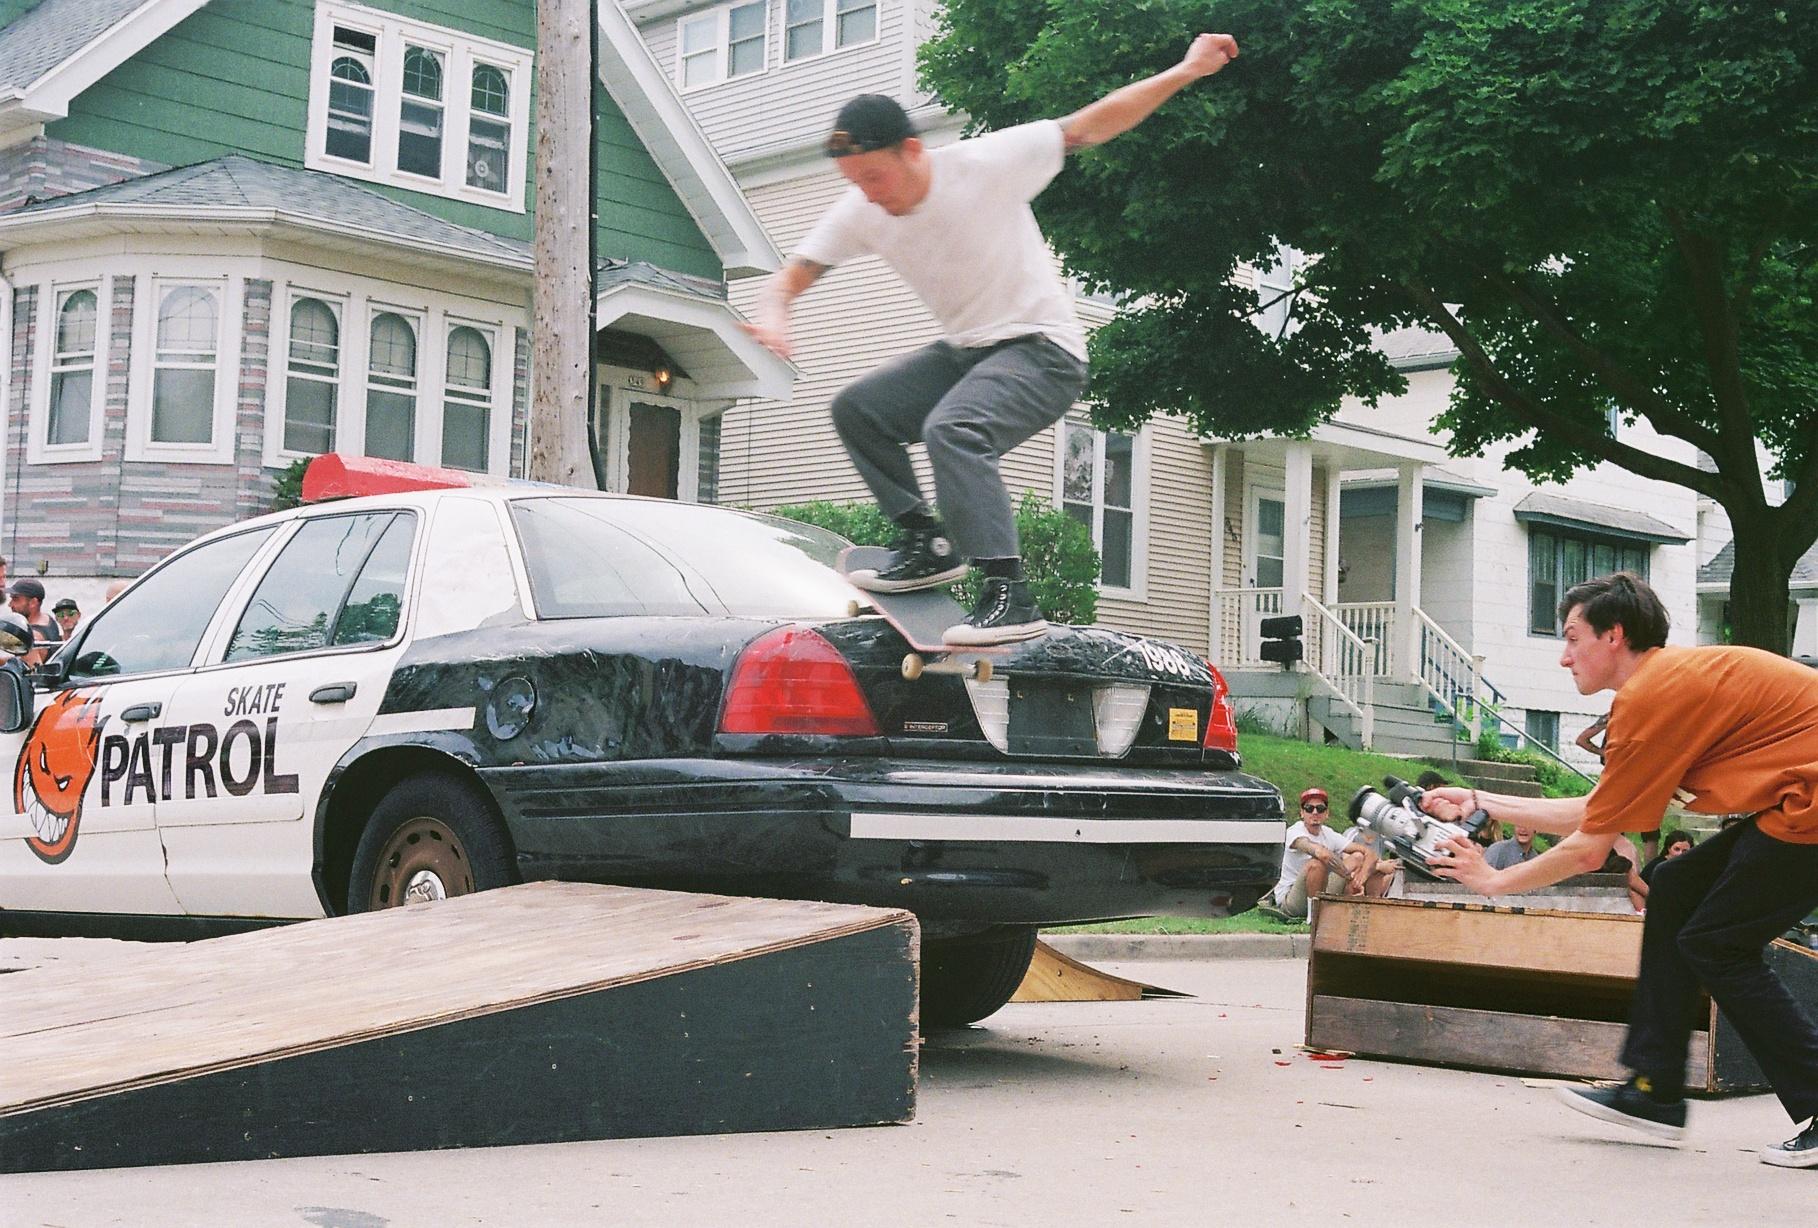 vinceboardslide